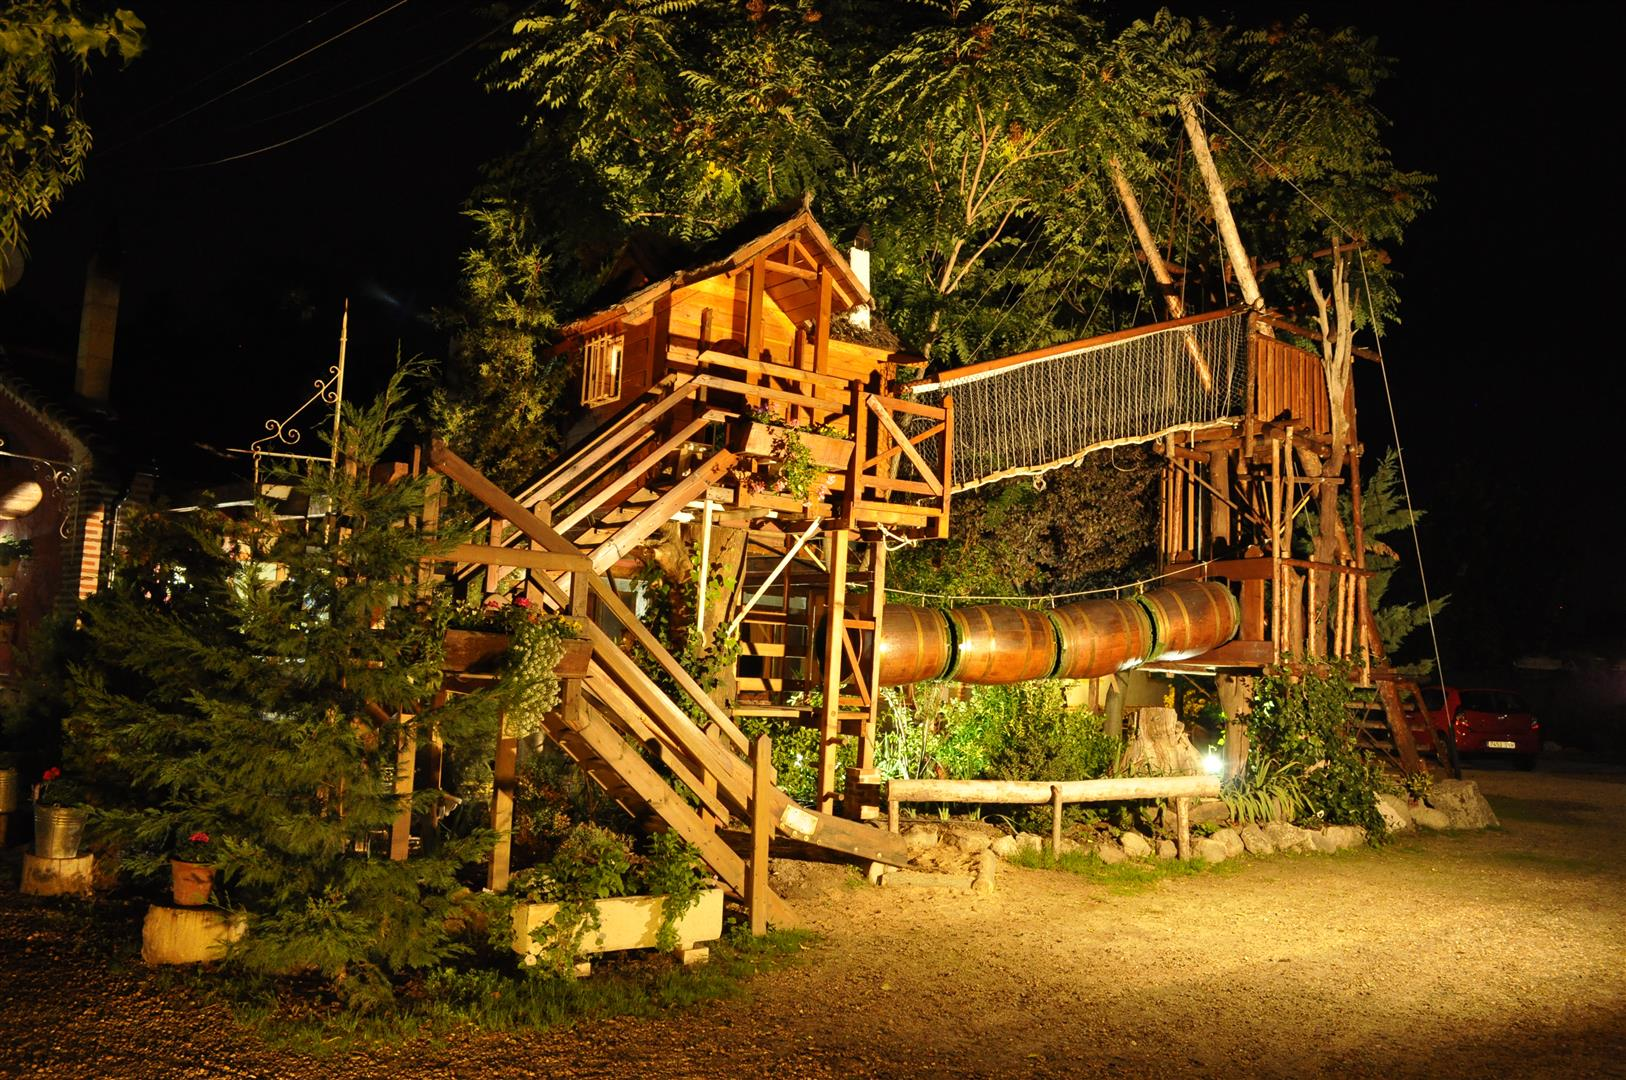 La casa del árbol | Casas Rurales Las Cavas